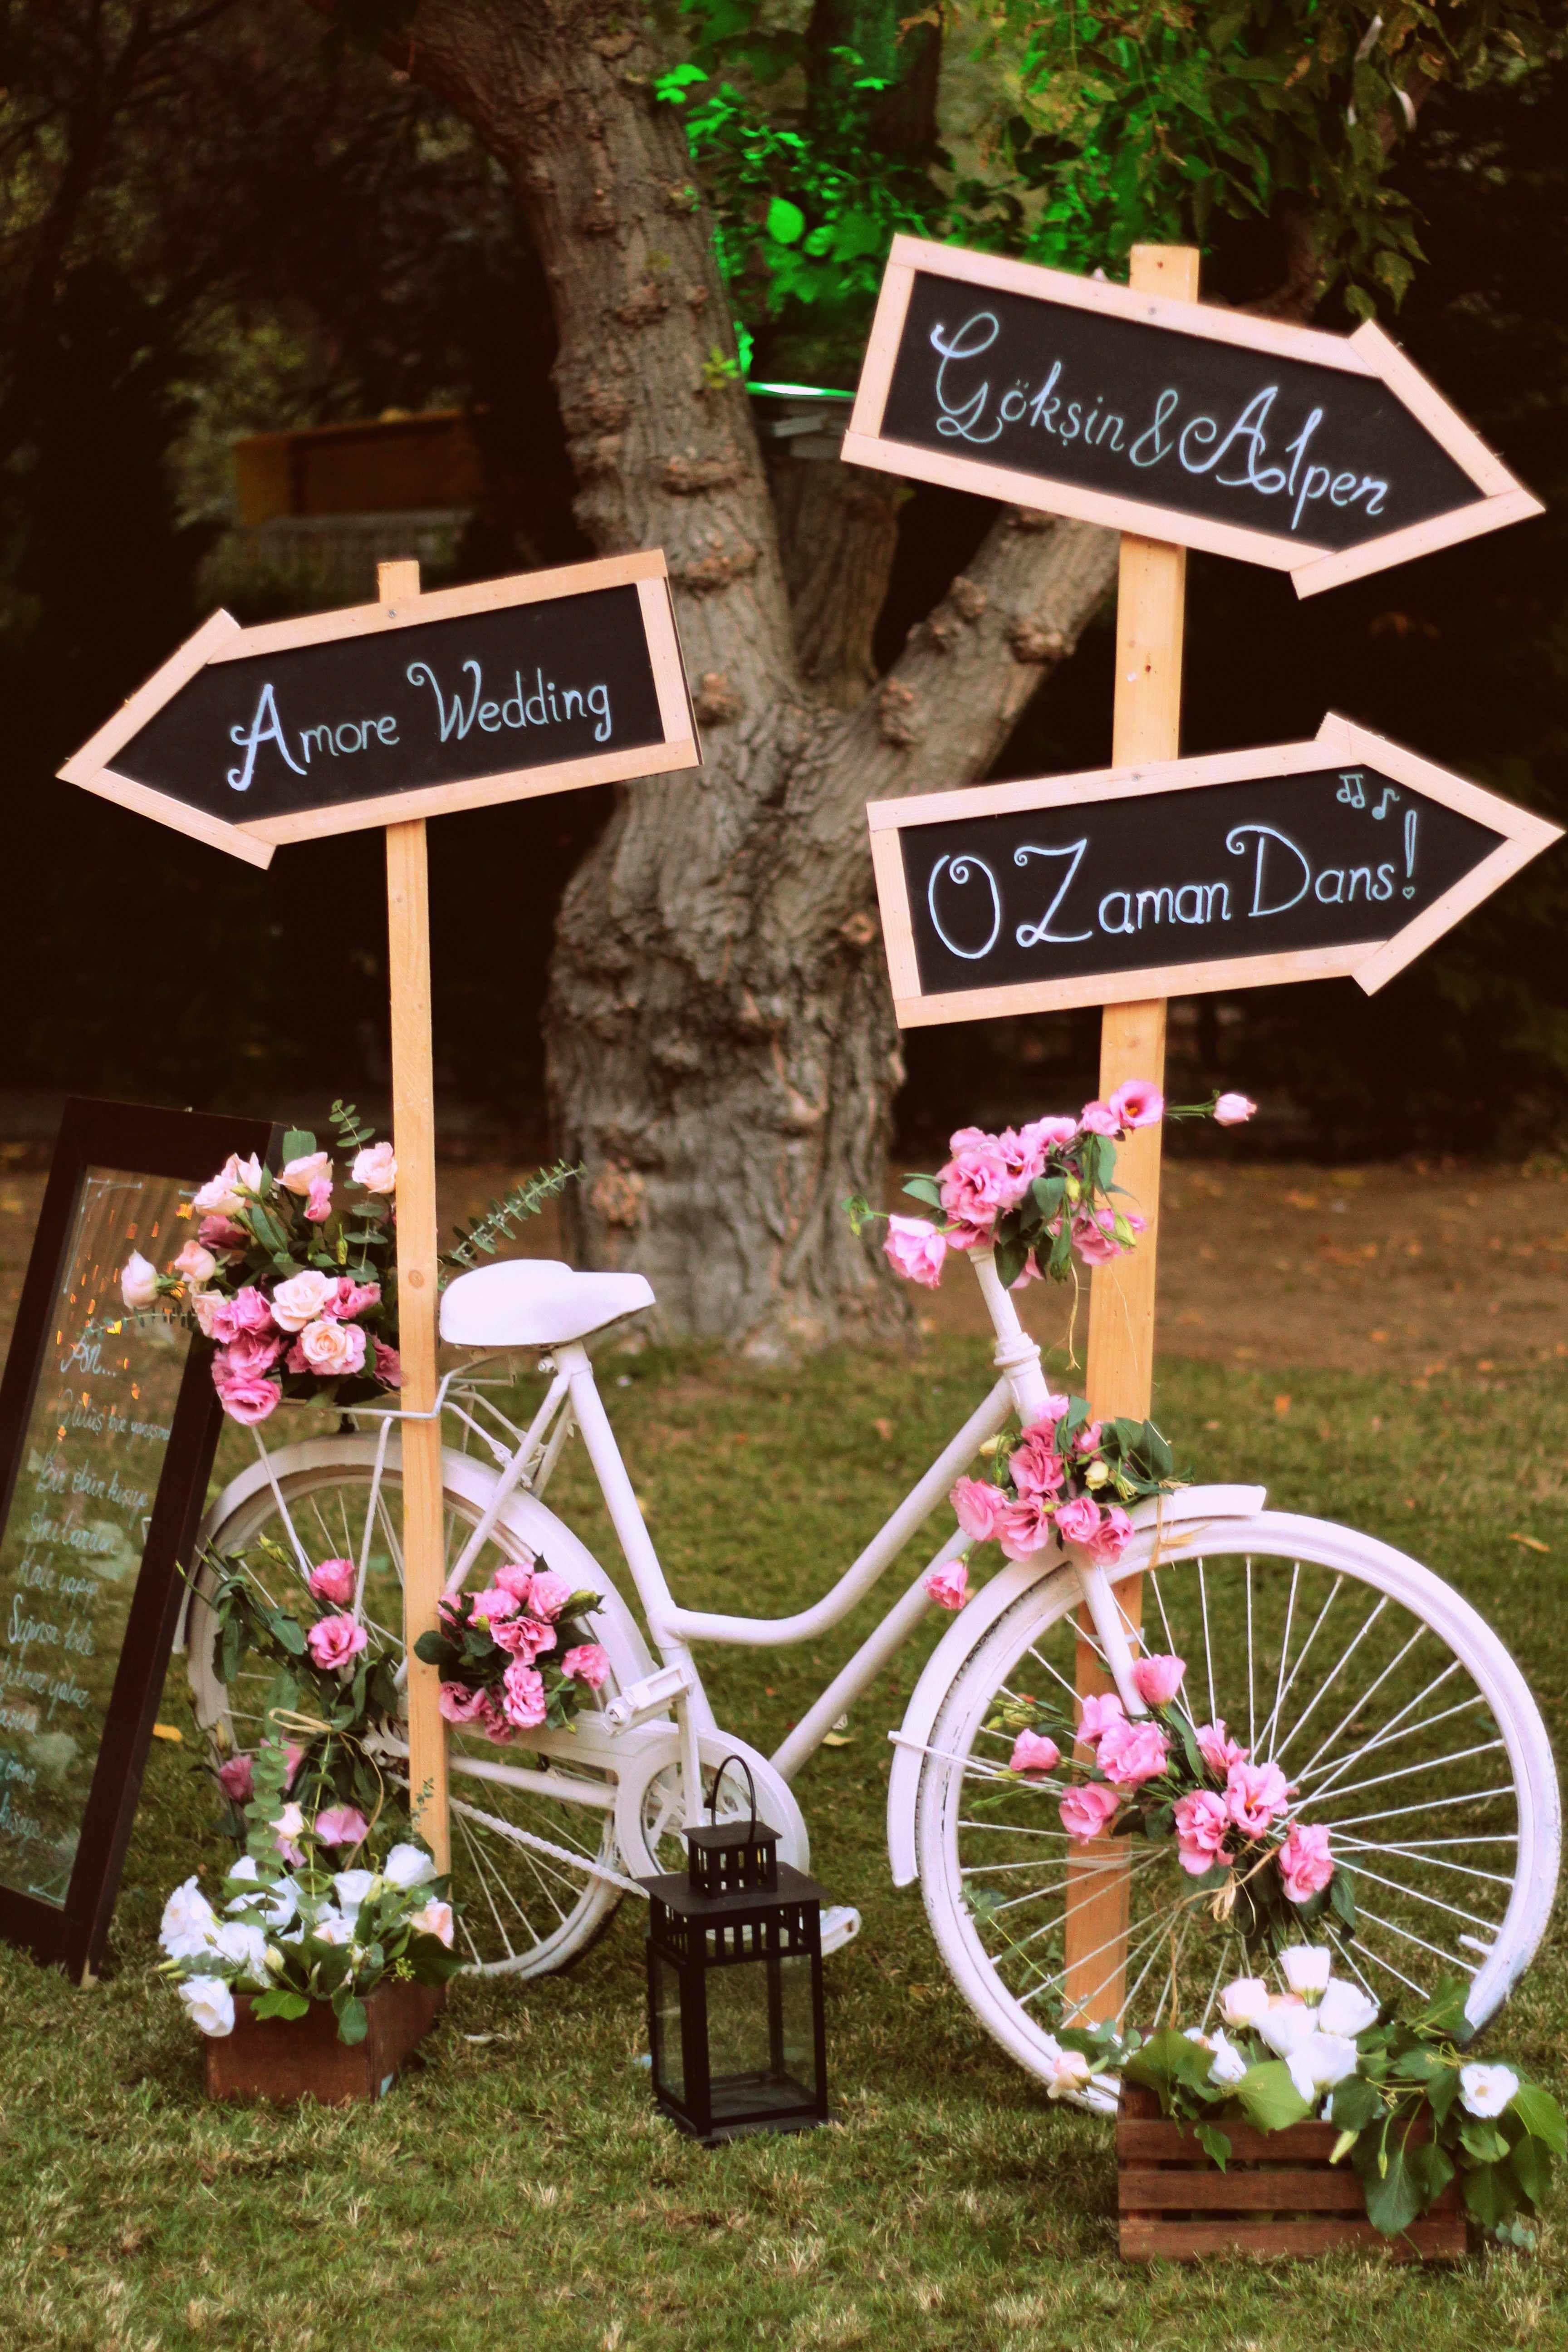 Wedding entry decoration ideas  Dreamy dreamy entrance decoration Bicycle wedding decor is always